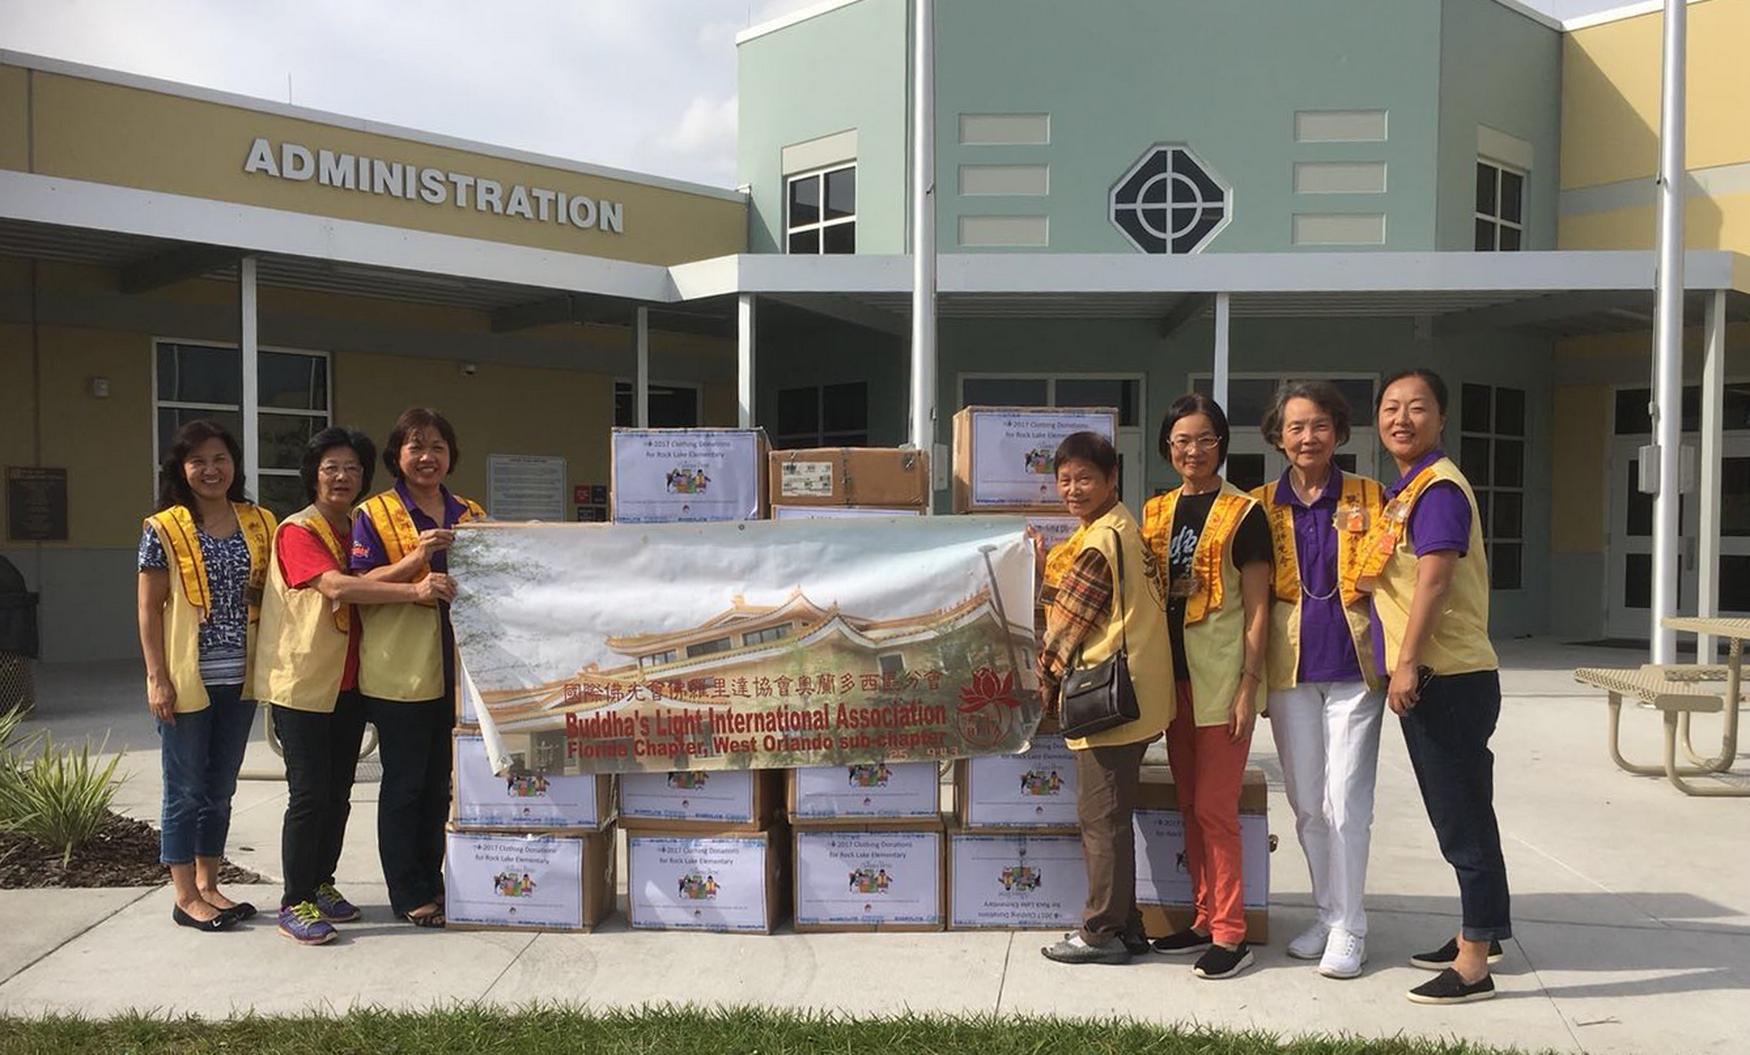 國際佛光會佛州協會奧蘭多西區分會成員送募集的衣物至岩湖小學,右一為西區分會會長鄭曼枝。(鄭曼枝提供)